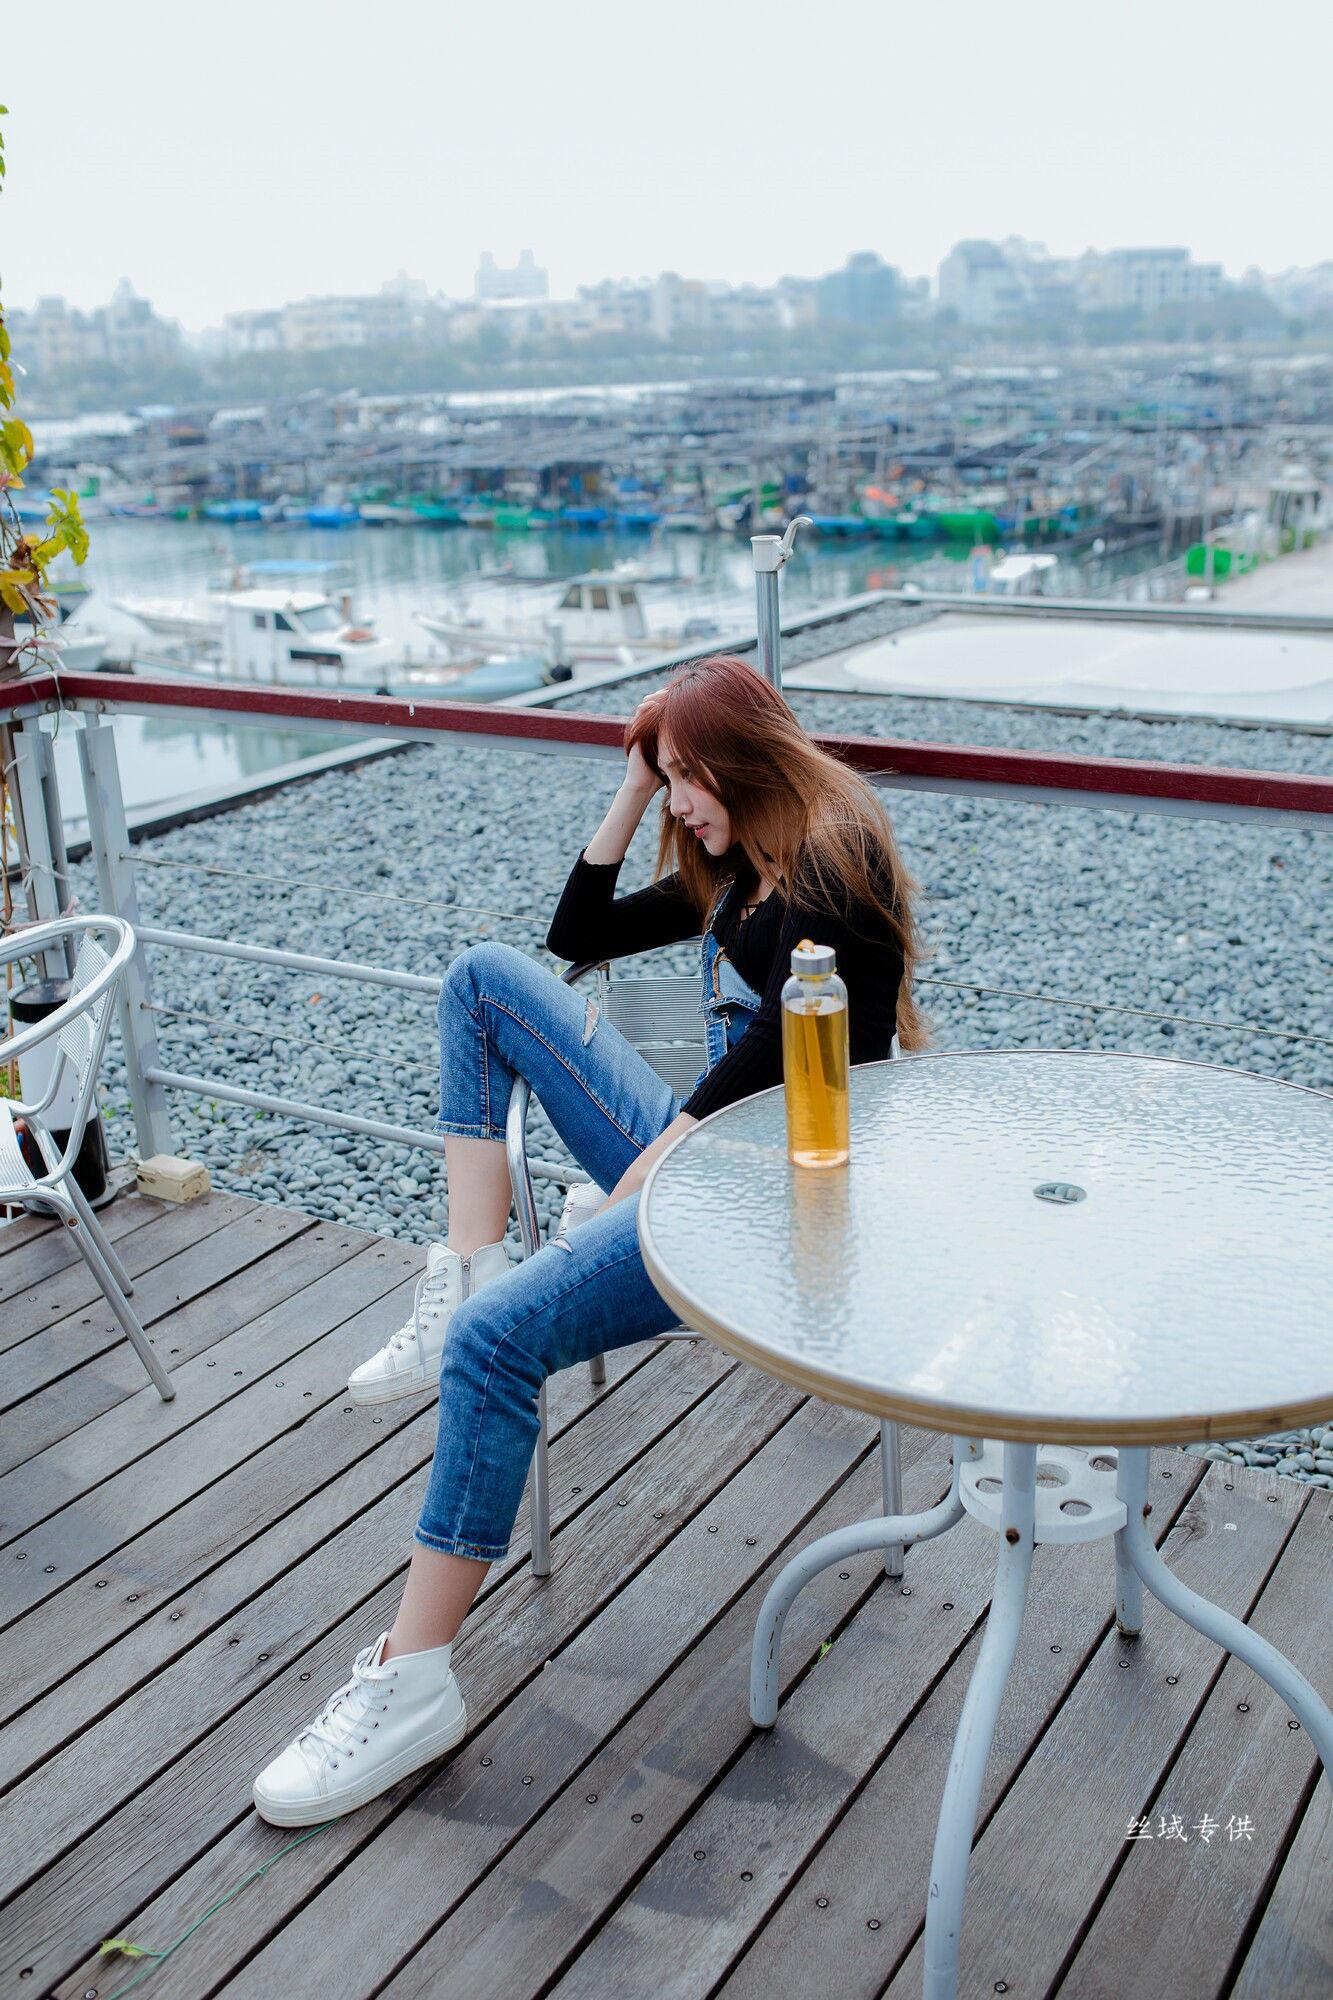 VOL.1518 [台湾正妹]牛仔紧身裤:比比儿(Katie Chiu)超高清个人性感漂亮大图(45P)